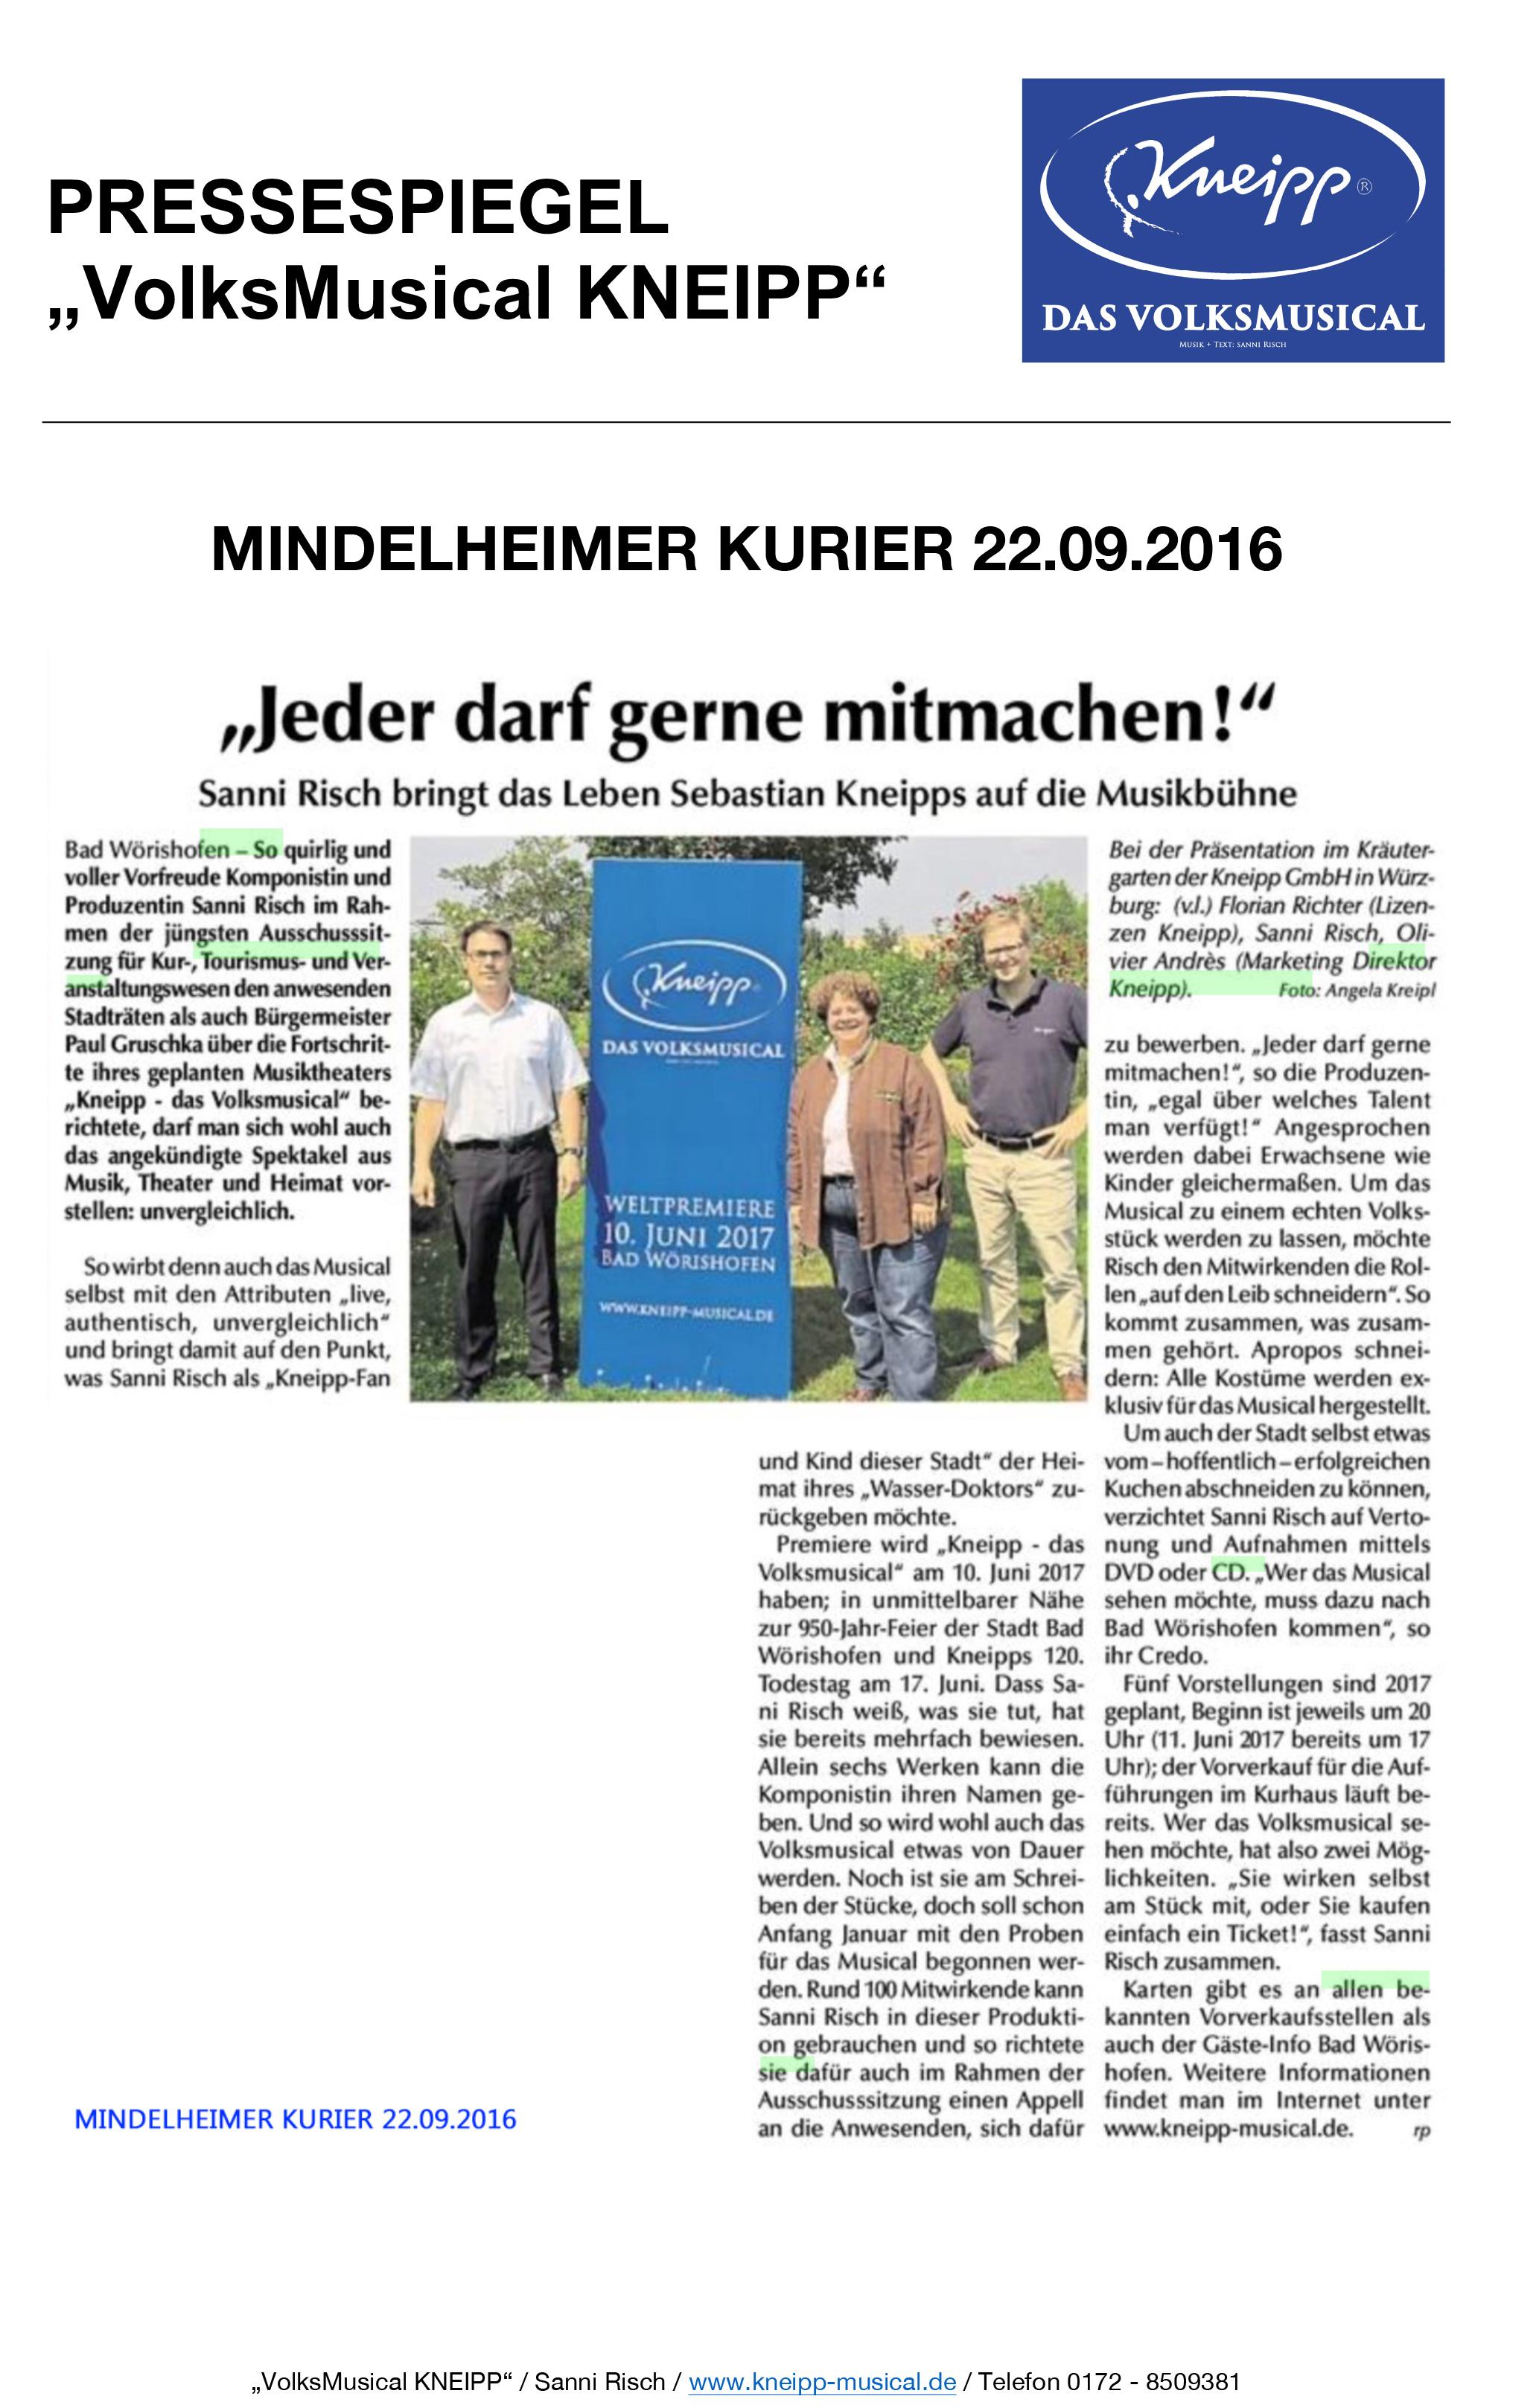 """Pressespiegel vom 22.09.2016: MINDELHEIMER KURIER """"VolksMusical KNEIPP"""""""